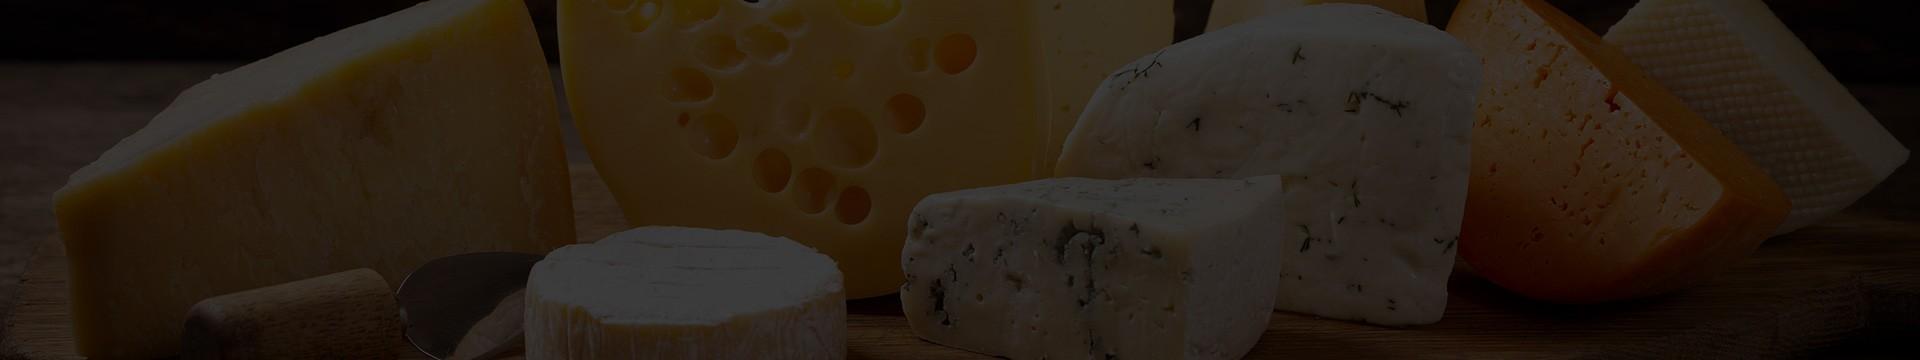 Quesos y Productos Lácteos. Tienda gourmet